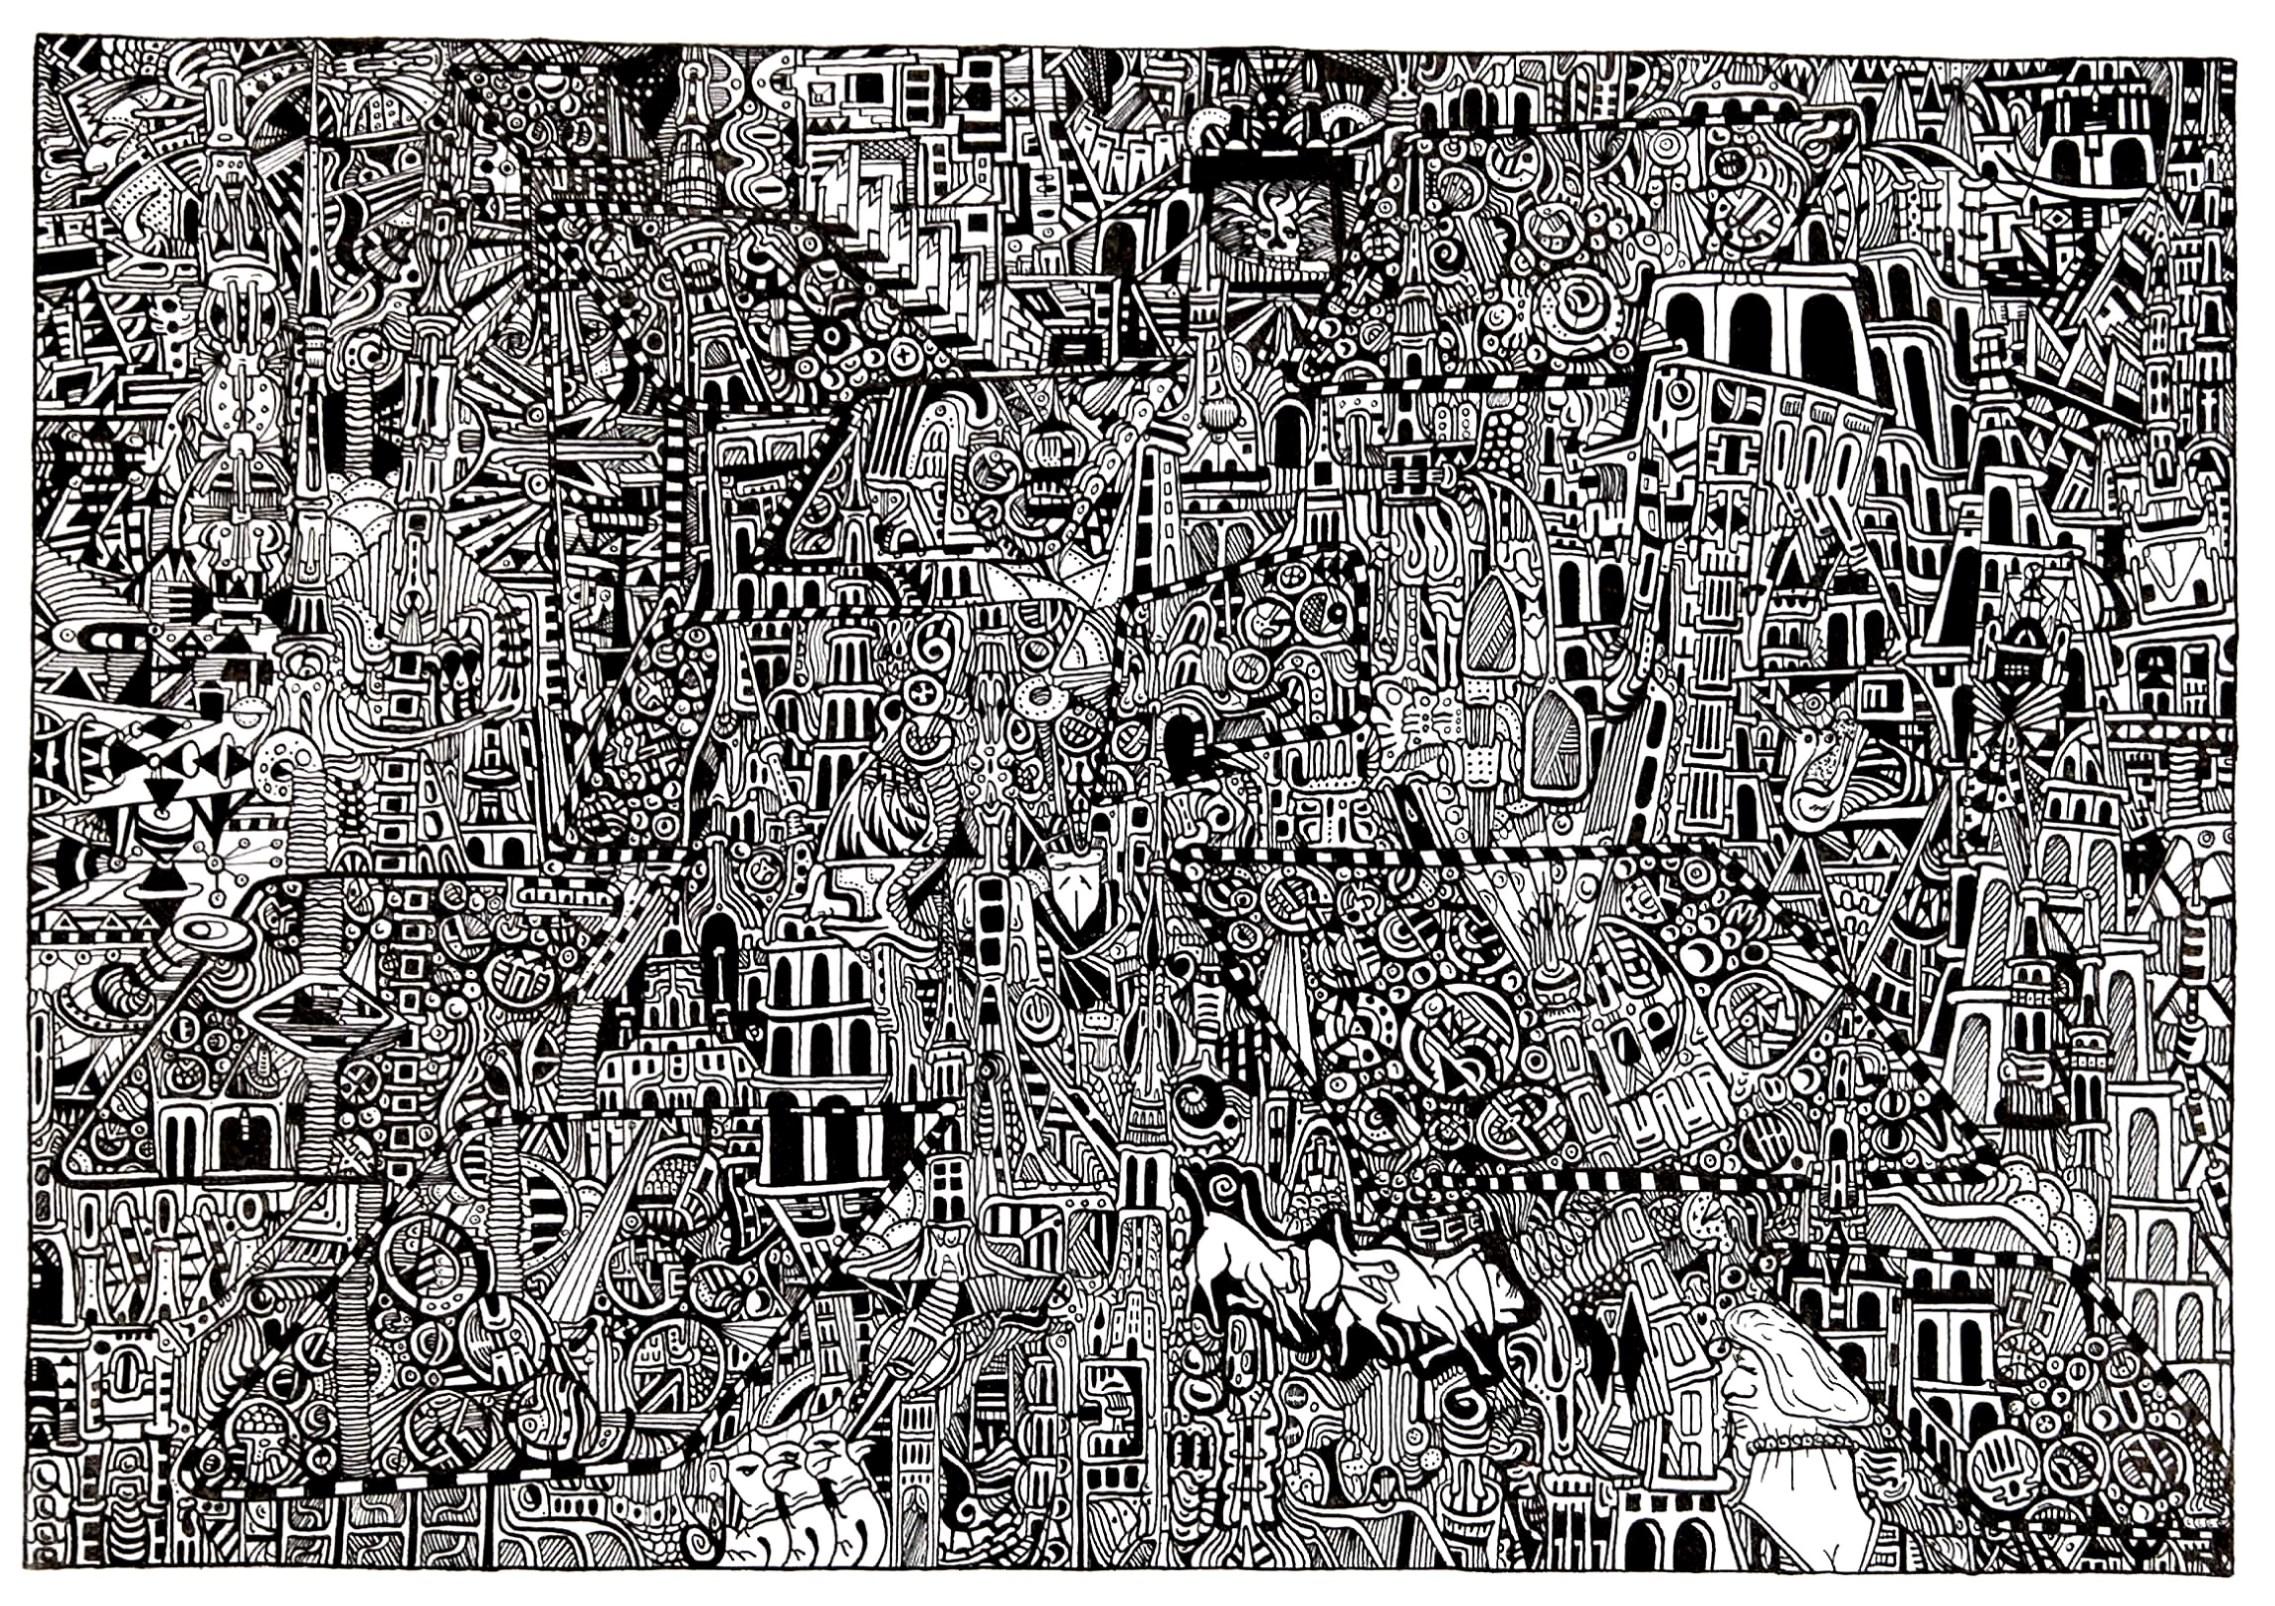 Un coloriage créé à partir d'un oeuvre typique de l'Art brutA partir de la galerie : Art Brut